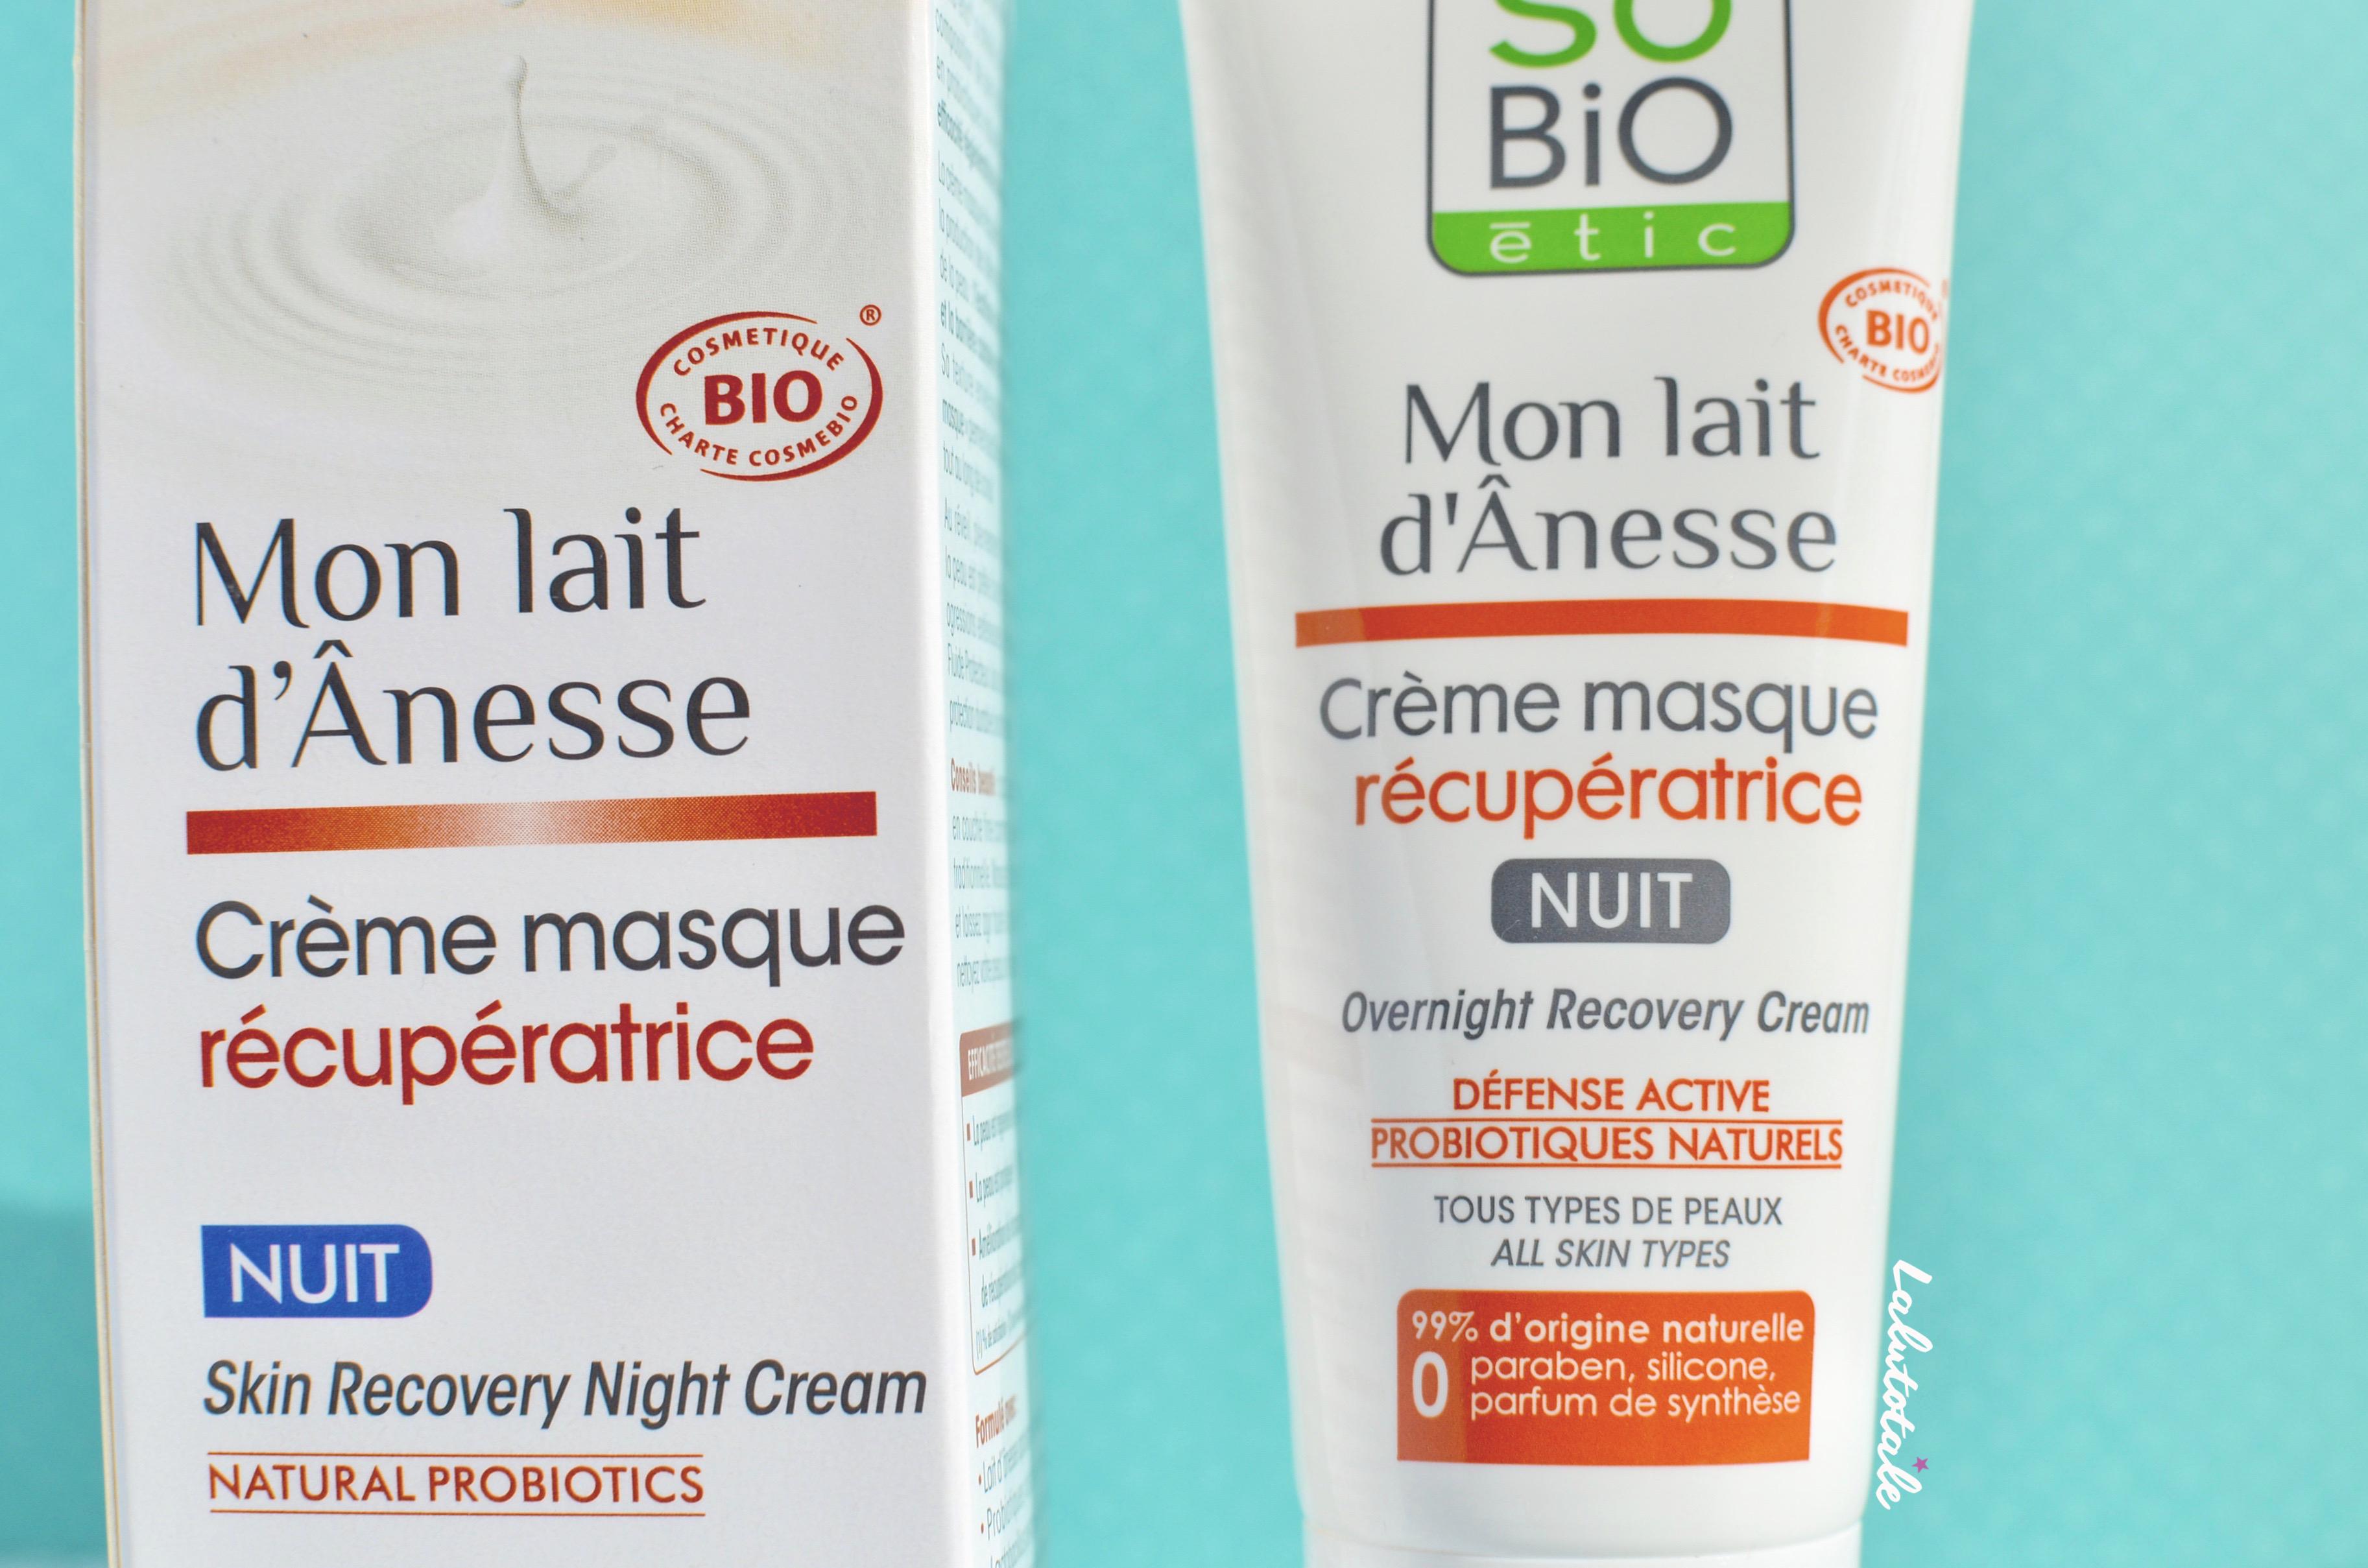 ( So'Bio Etic ) Une crème-masque pour que ma peau récupère la nuit : vraiment ?